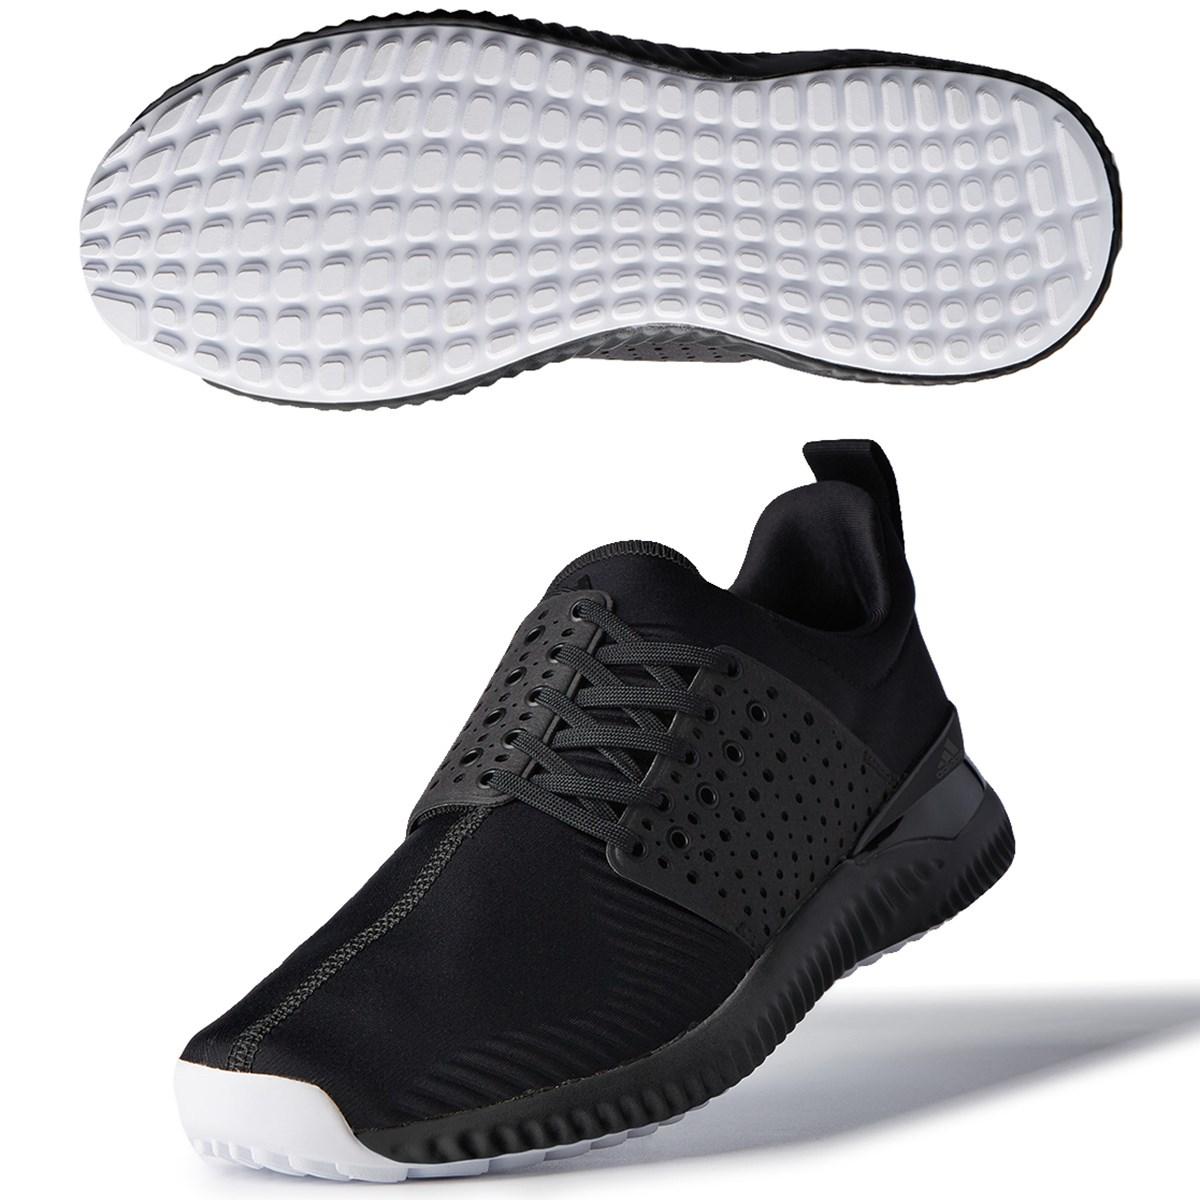 アディダス(adidas) アディクロス バウンス テキスタイルシューズ